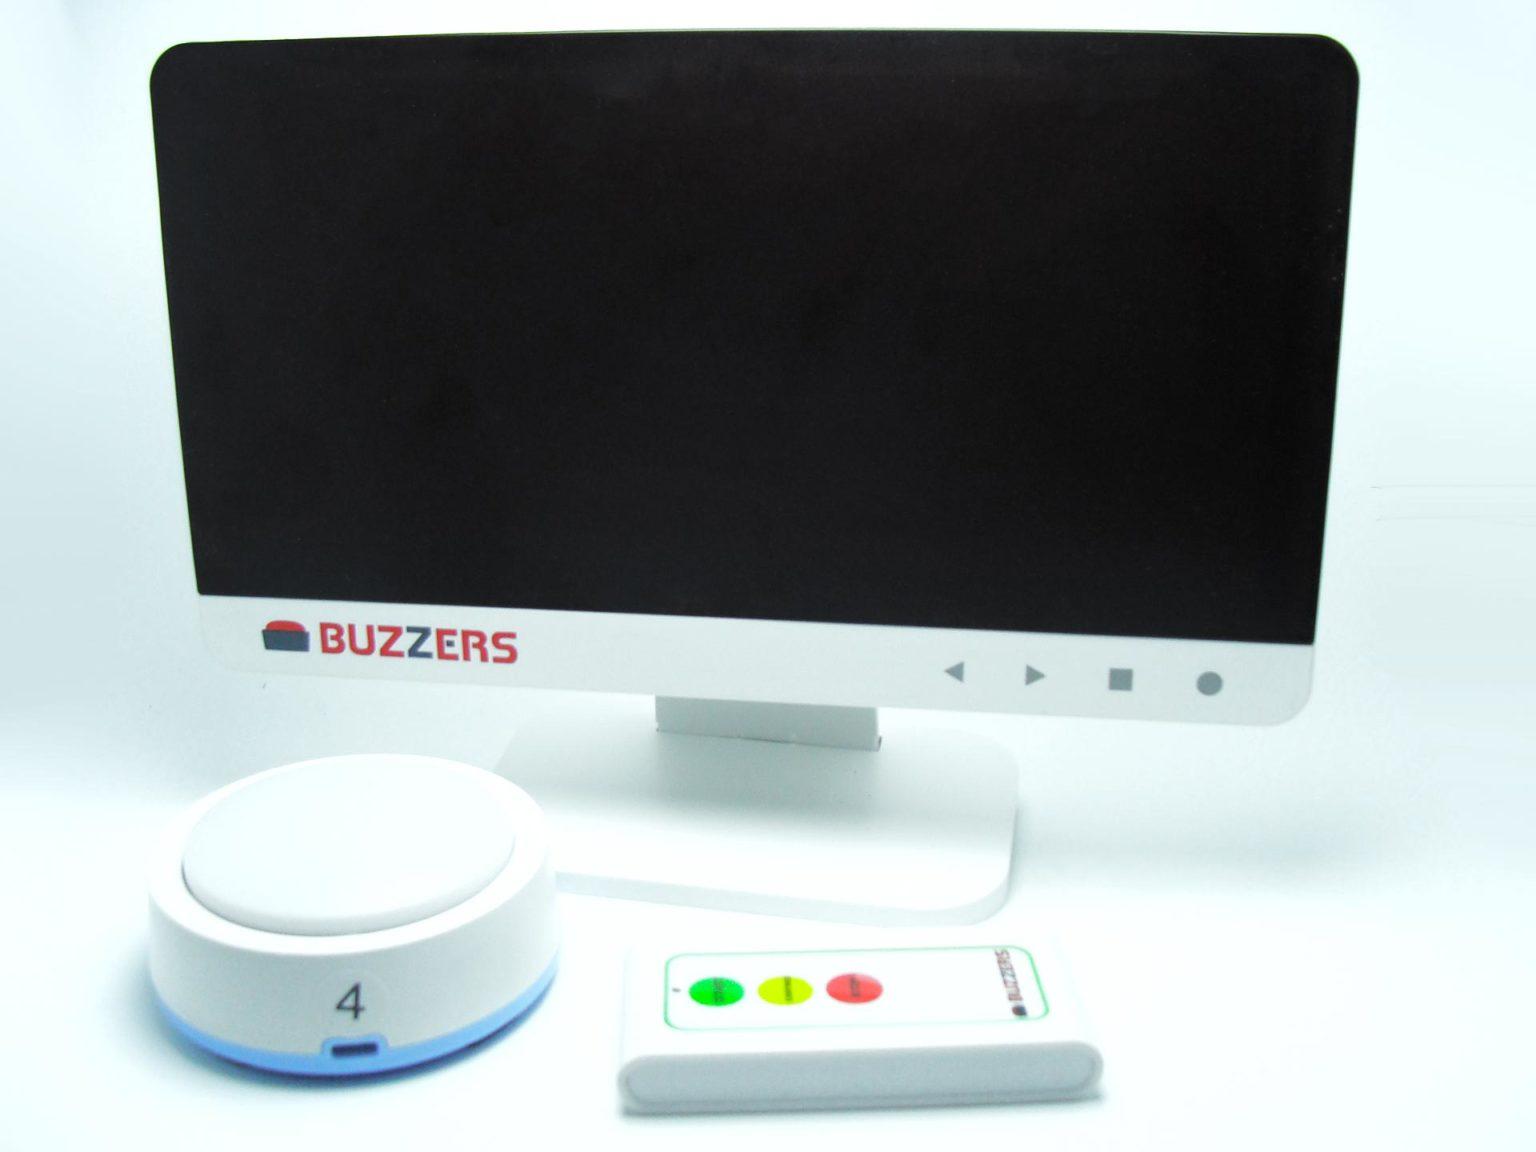 buzzers-compteurs-quizbox-6